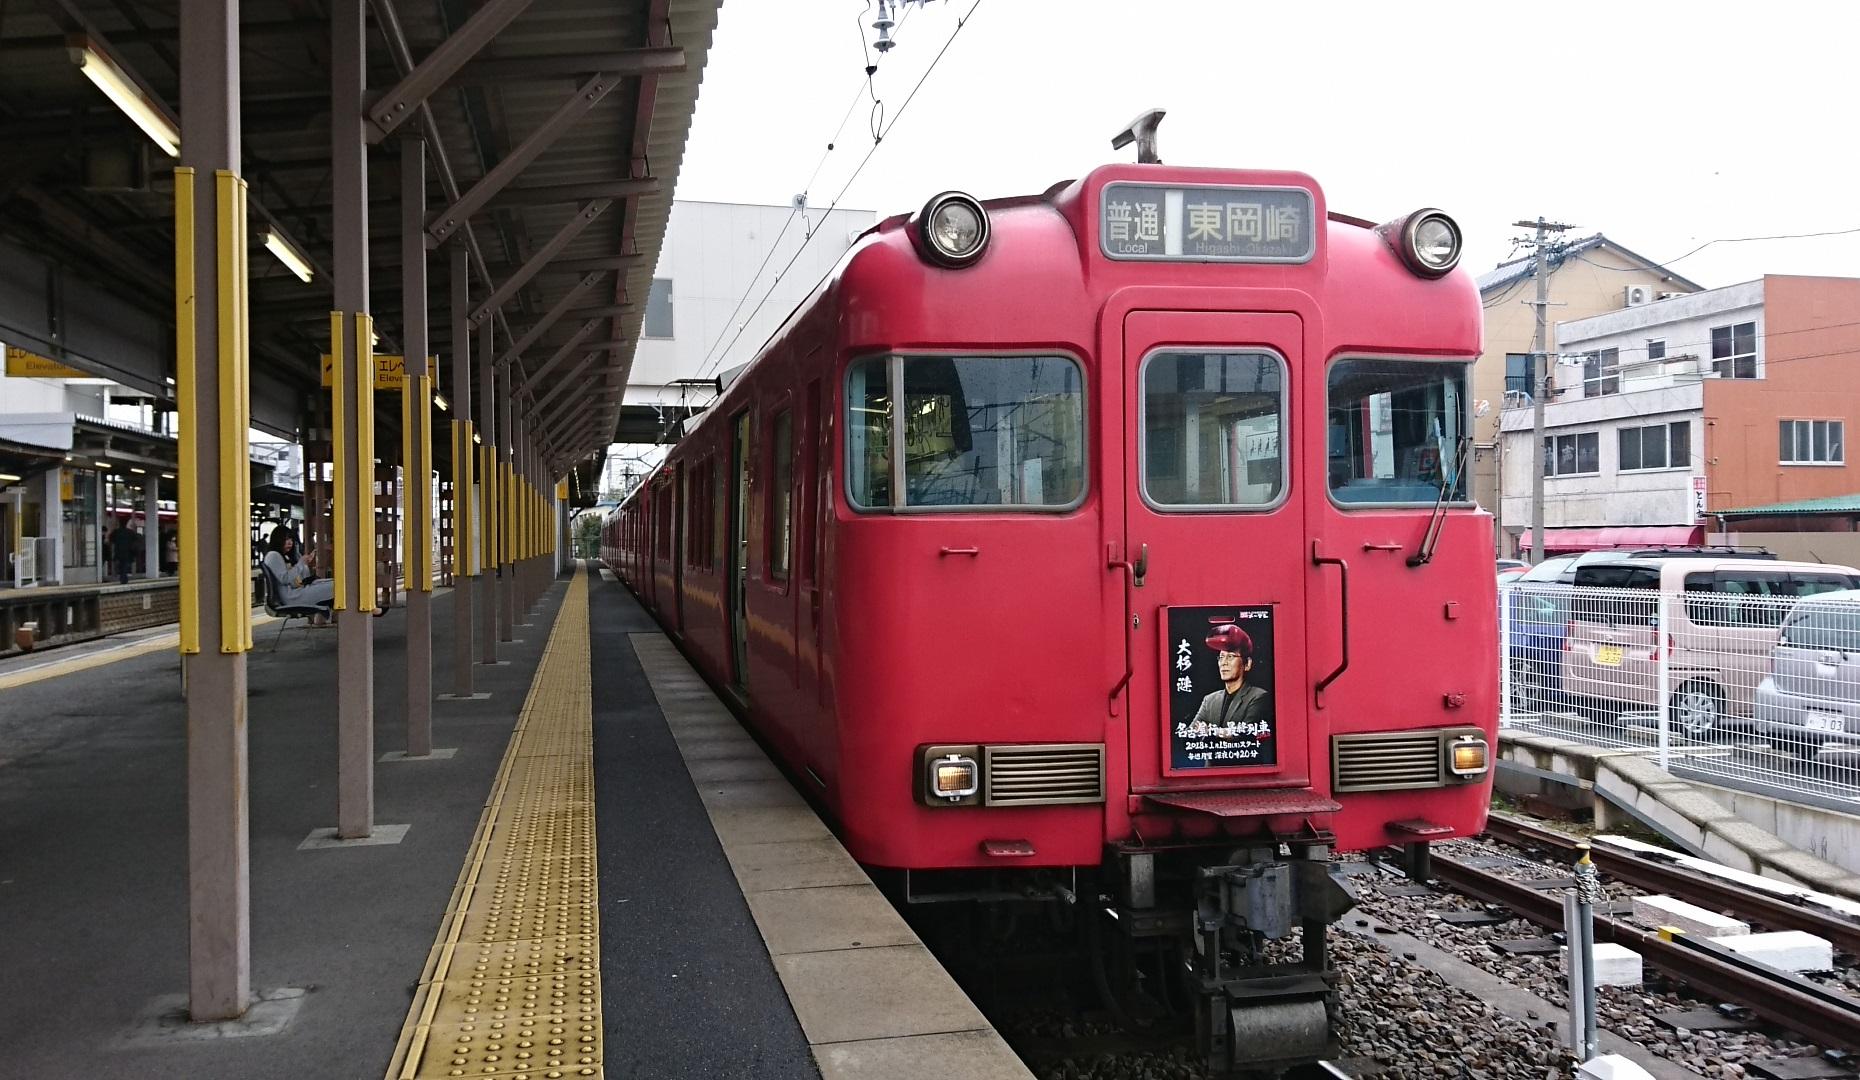 2018.3.8 名鉄 (1) しんあんじょう - 東岡崎いきふつう 1860-1080